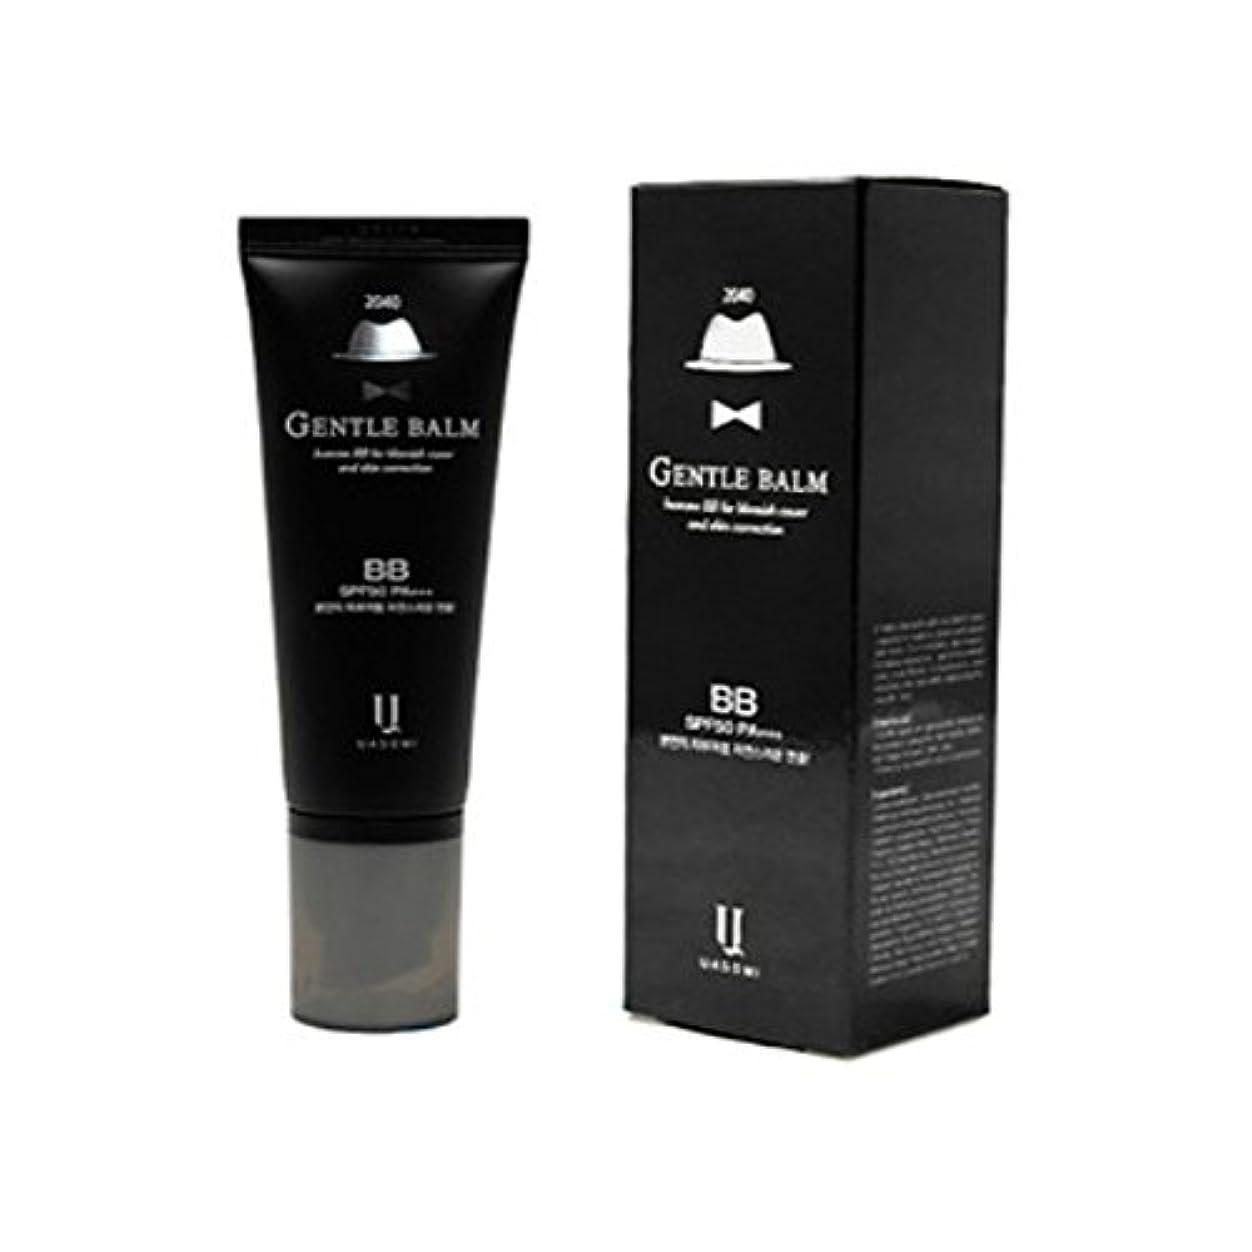 委員長セーターミュート(男 BB クリーム 韓国 日焼け止め) homme 2040 BB for blemish cover and skin correction korea beauty Gentle bam SFP50 PA+++ (...